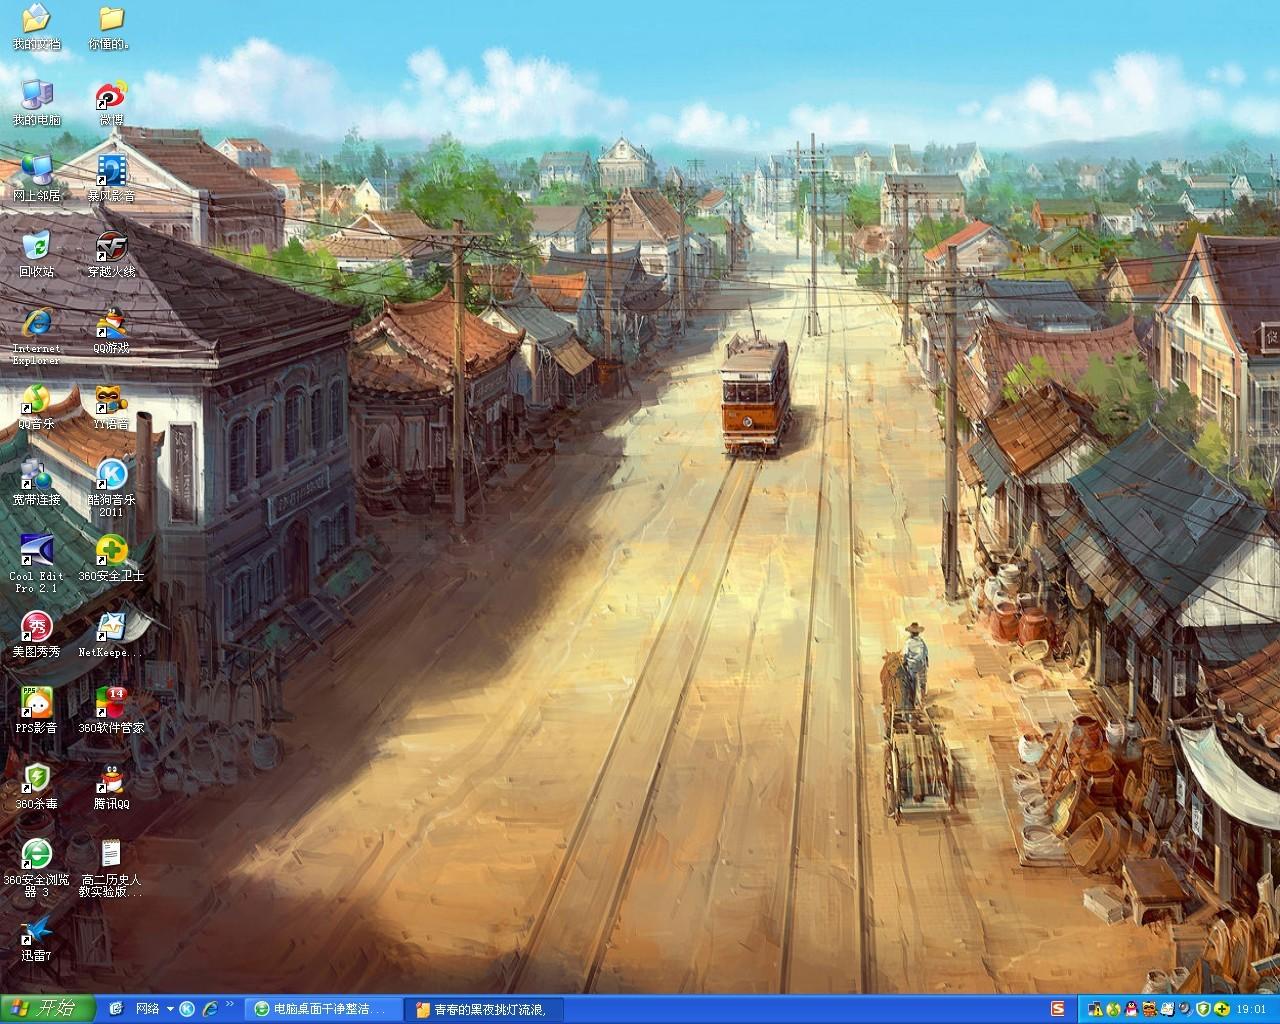 谁有这张电脑 壁纸 插画街道风景上面是天空 偏宫崎骏